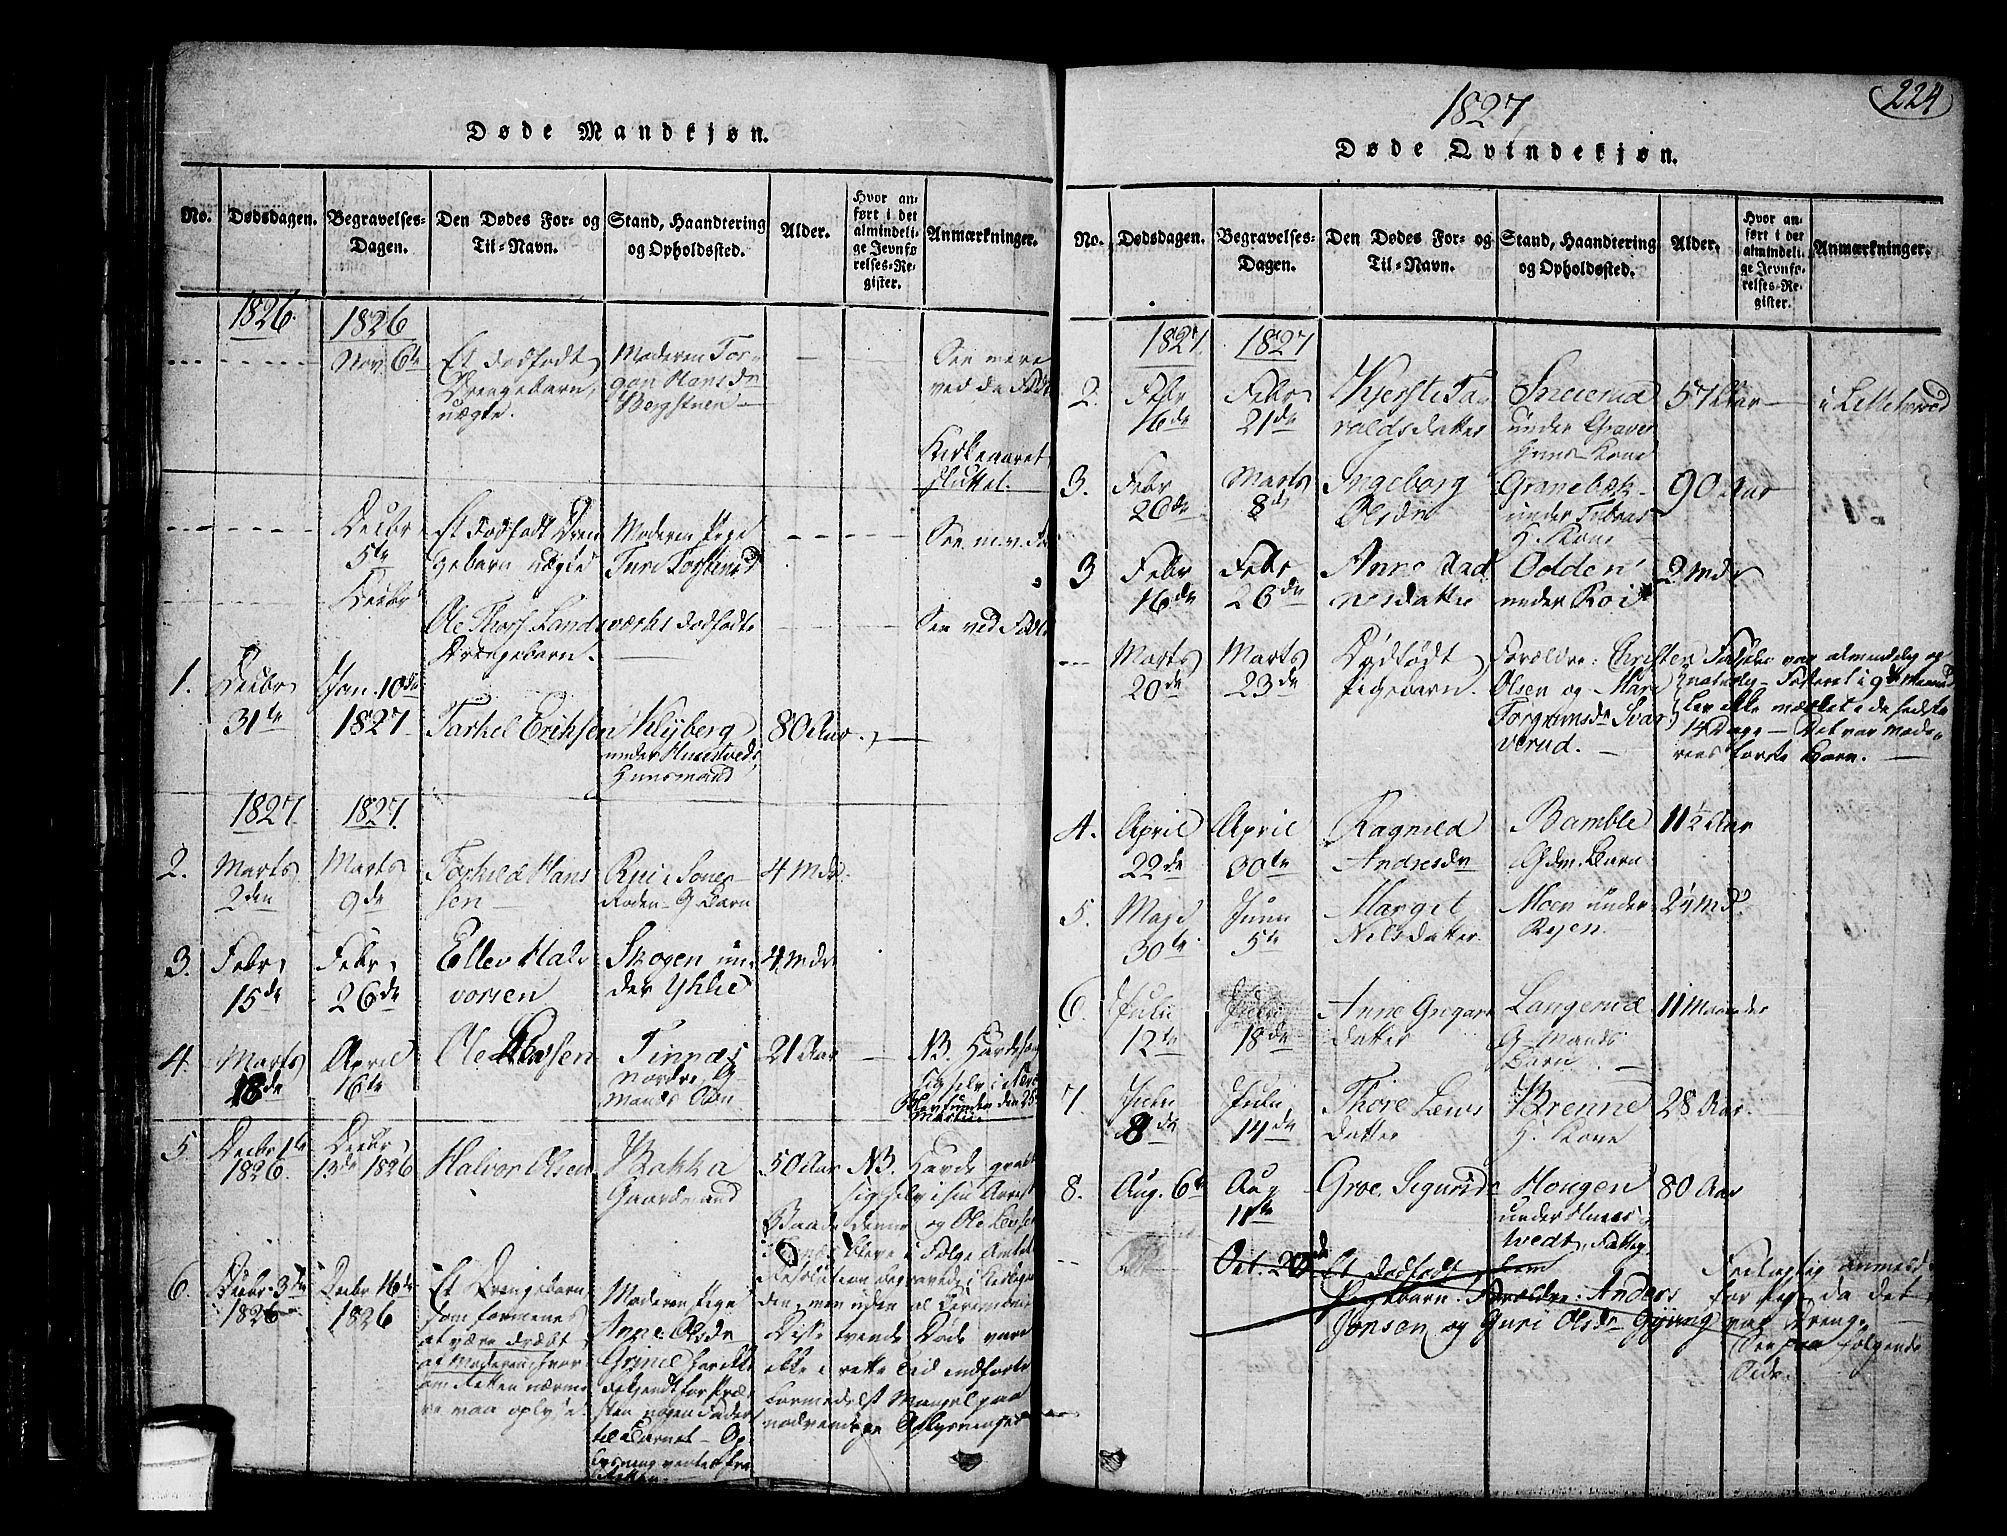 SAKO, Heddal kirkebøker, F/Fa/L0005: Ministerialbok nr. I 5, 1814-1837, s. 223-224